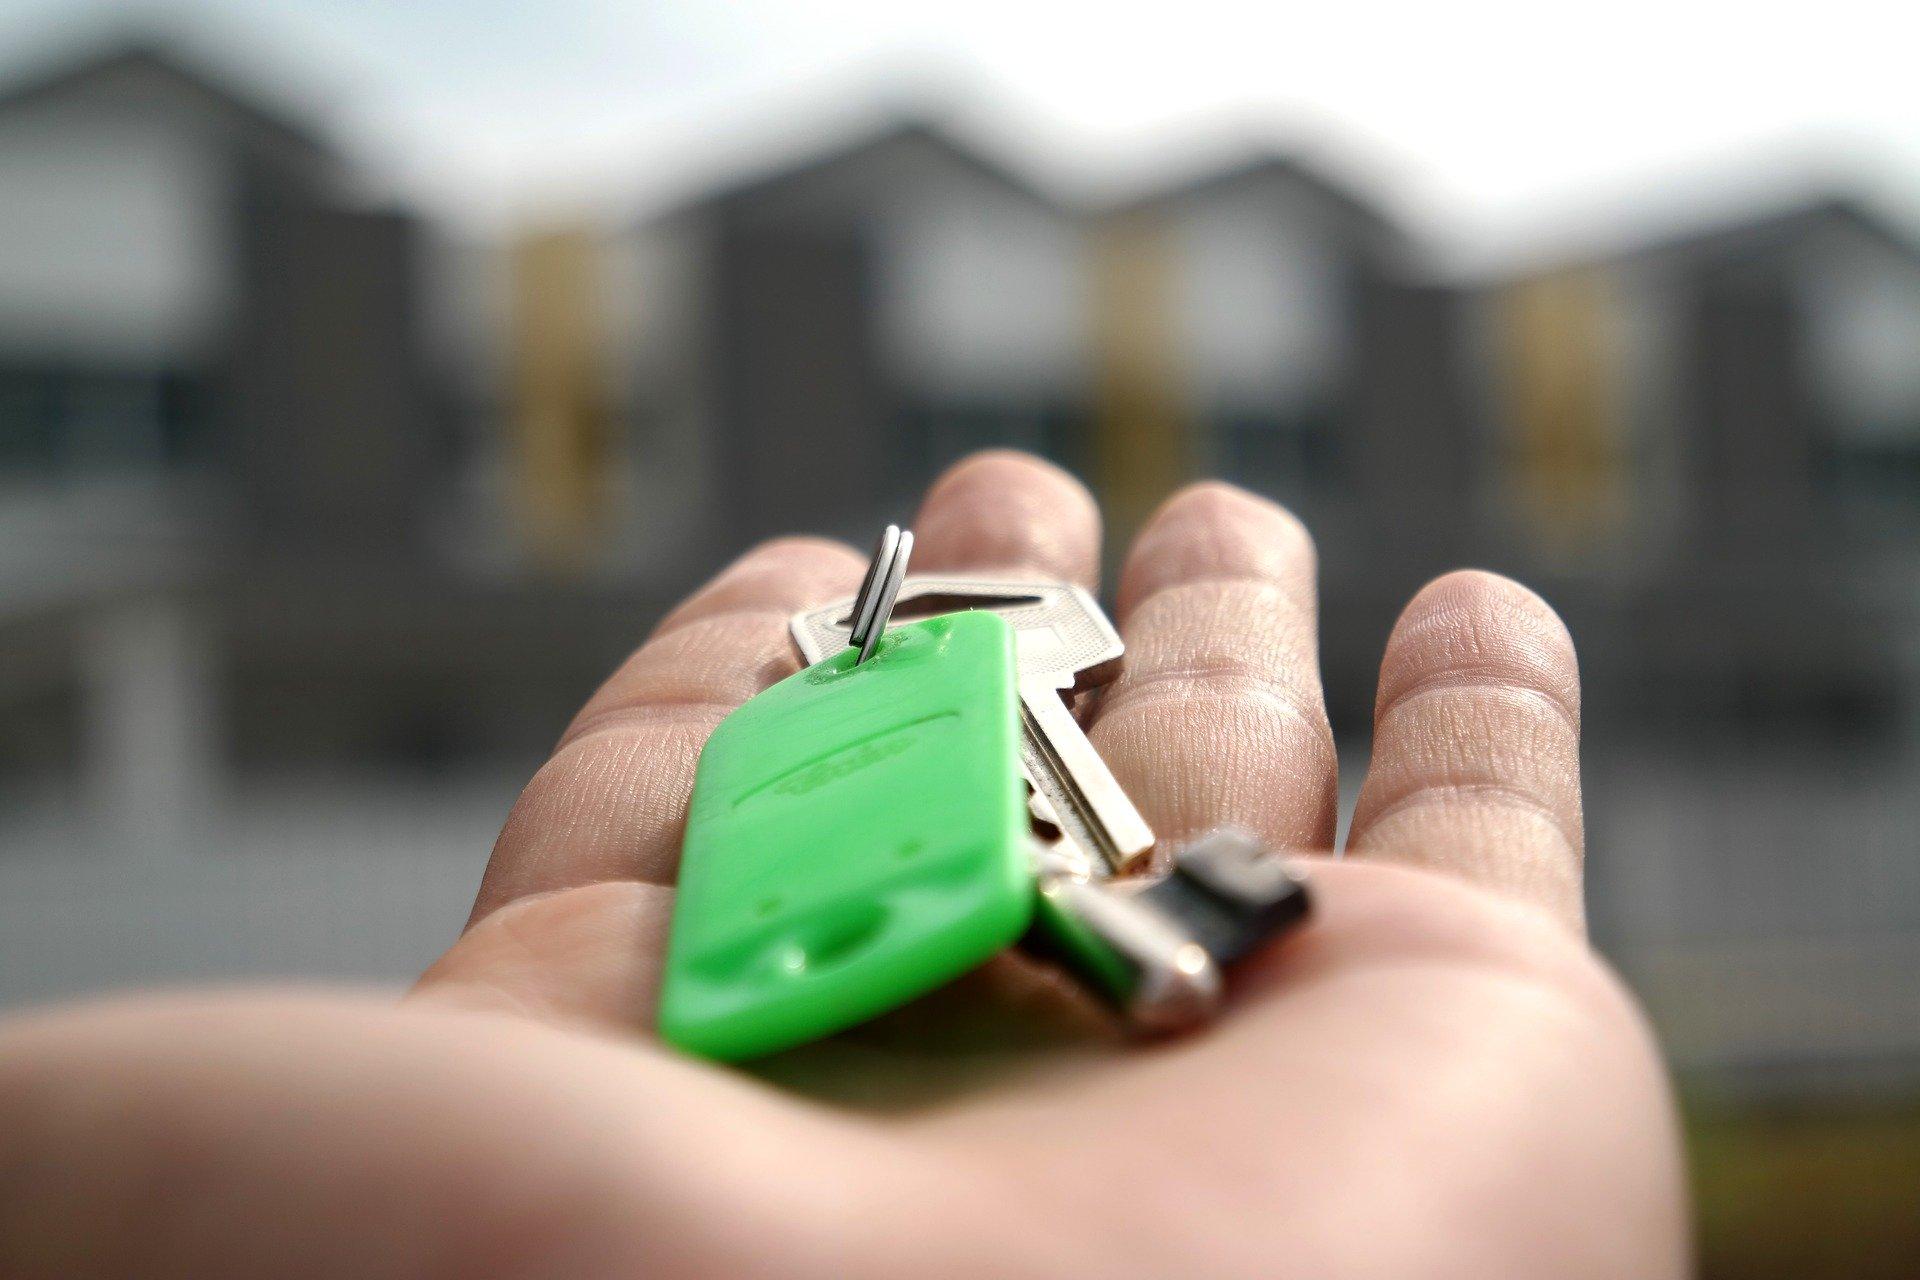 VerdeOlivoInmuebles_Queretaro_Inmobiliaria_propietariosweb.jpg